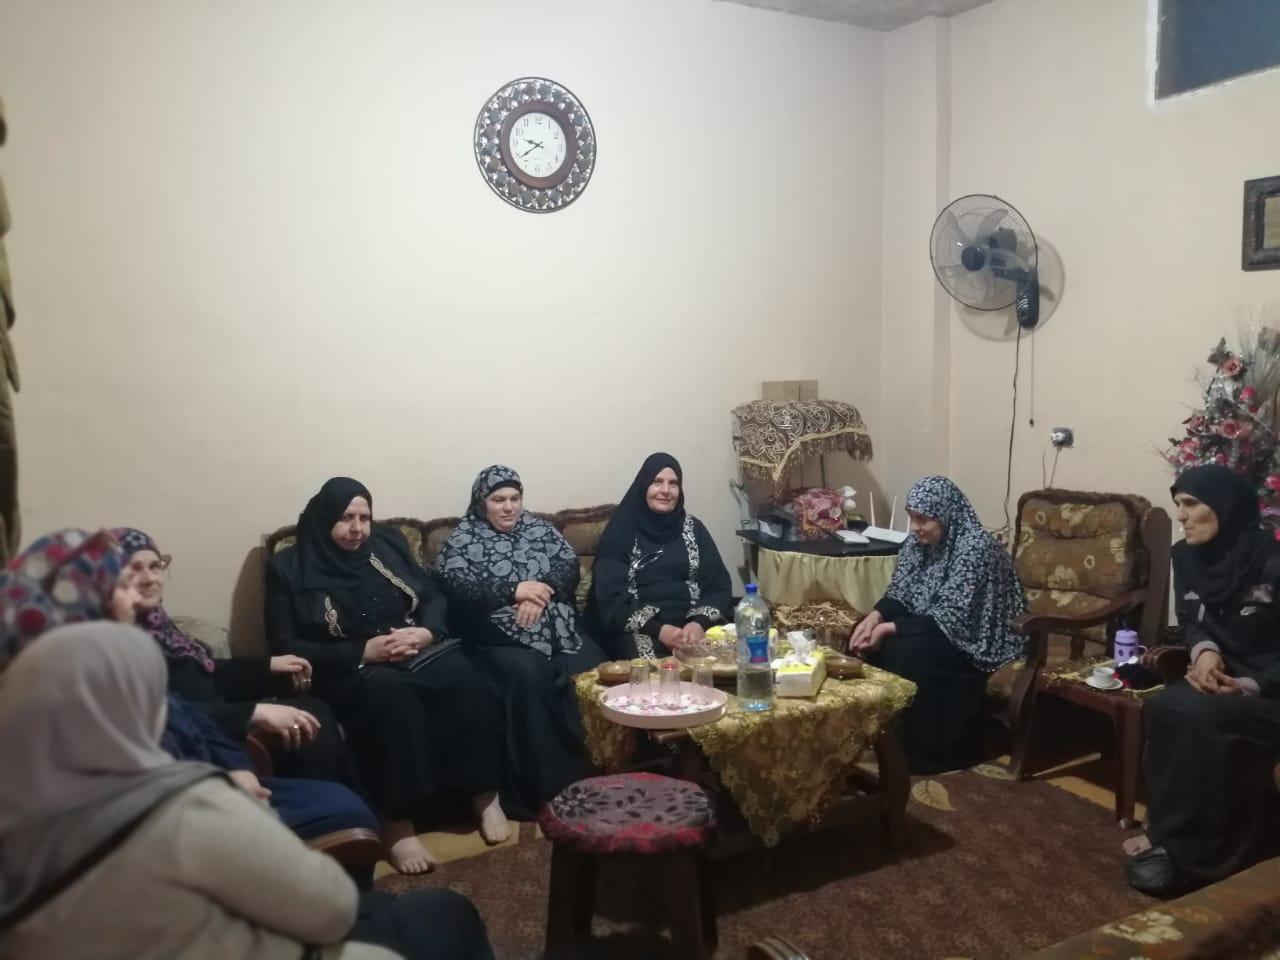 لجان المرأة الشعبية الفلسطينية تقيم ندوة سياسية اجتماعية في مخيم نهرالبارد